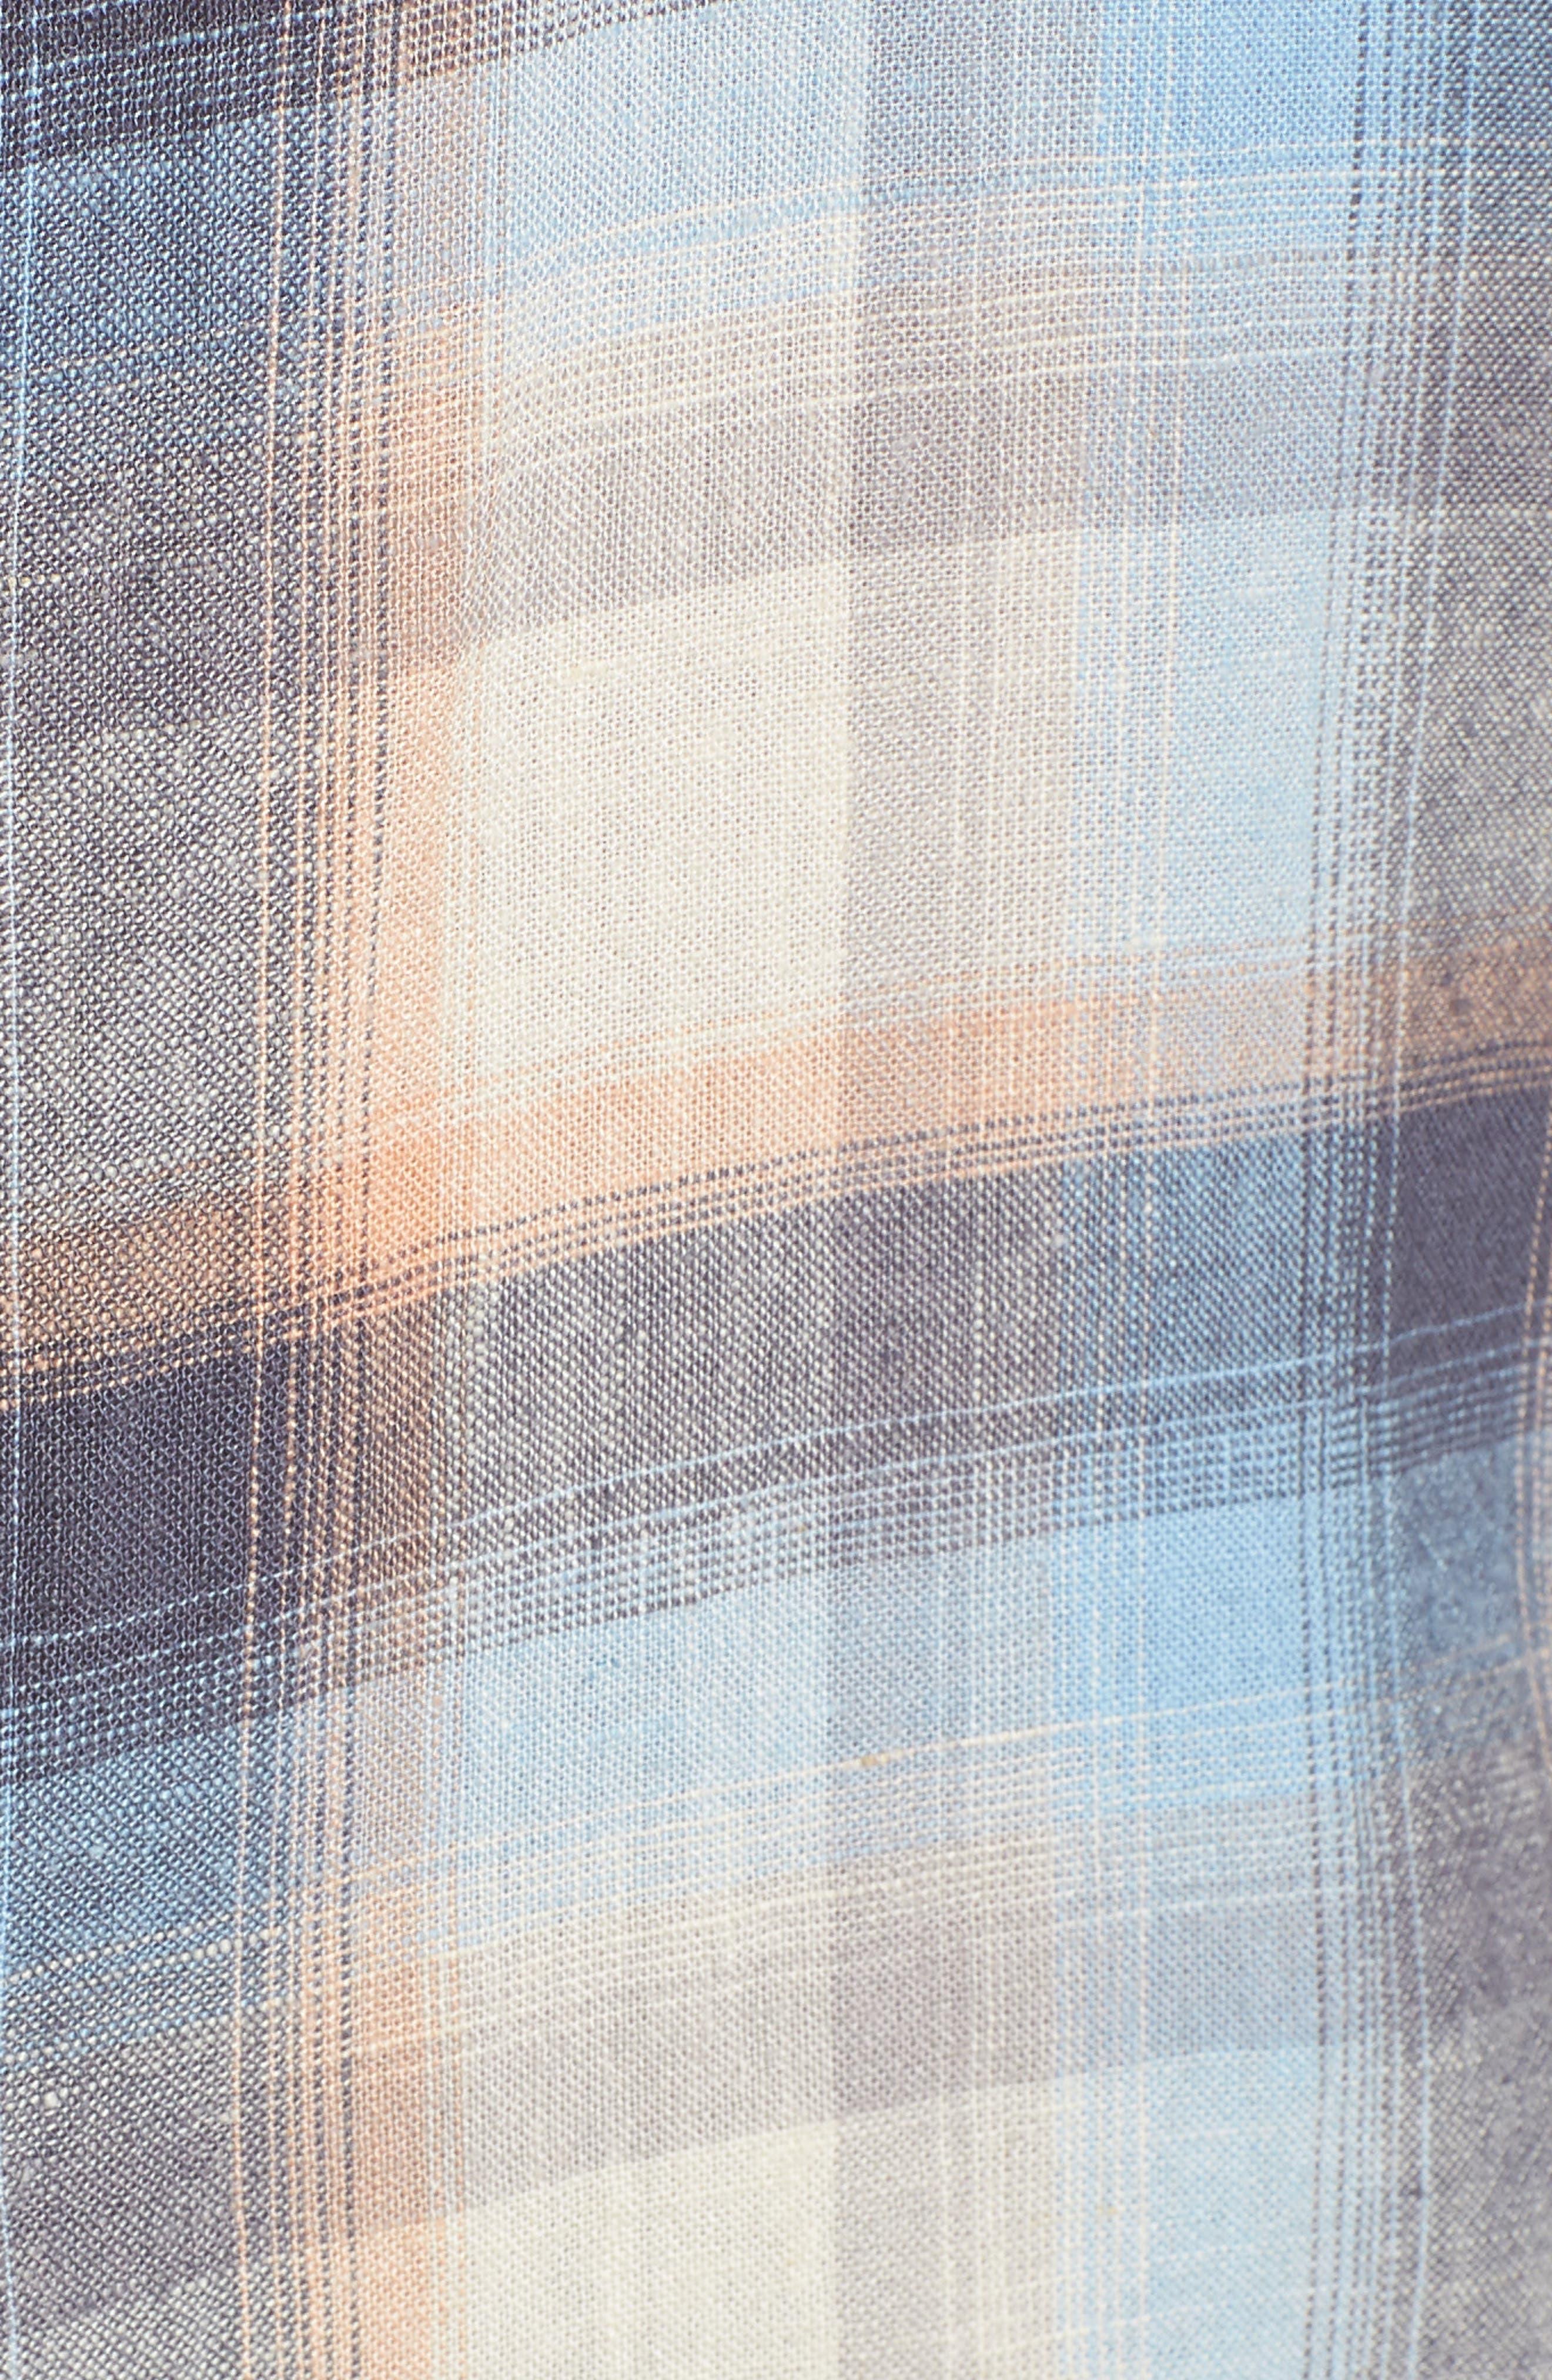 Plaid Linen Blend Shirt,                             Alternate thumbnail 5, color,                             420